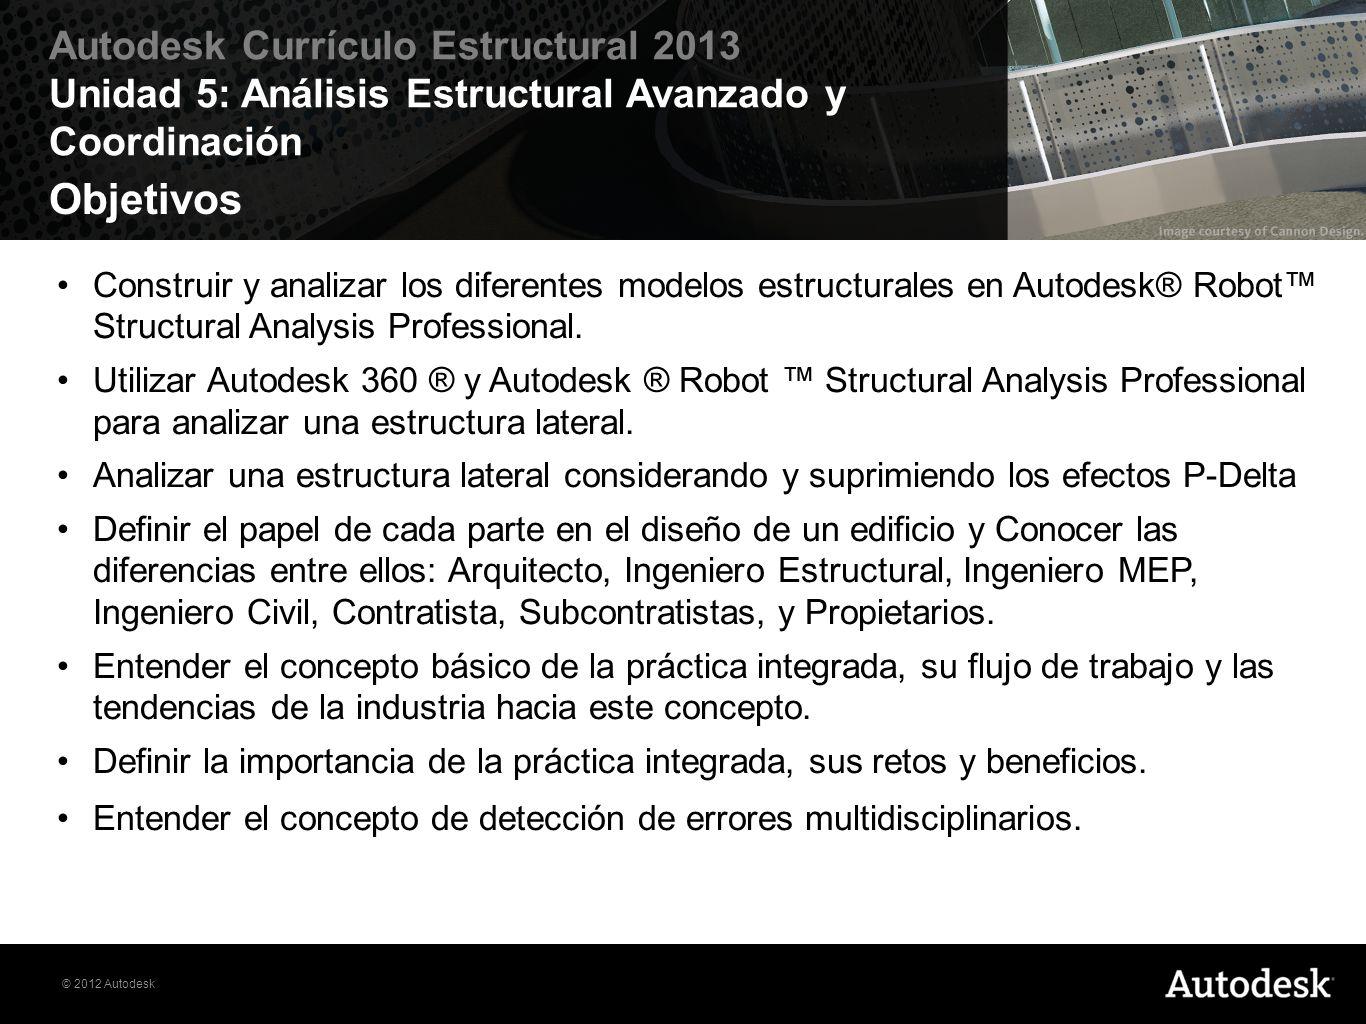 © 2012 Autodesk Autodesk Currículo Estructural 2013 Unidad 5: Análisis Estructural Avanzado y Coordinación Ejercicio 5.2: Coordinación 3D en Navisworks